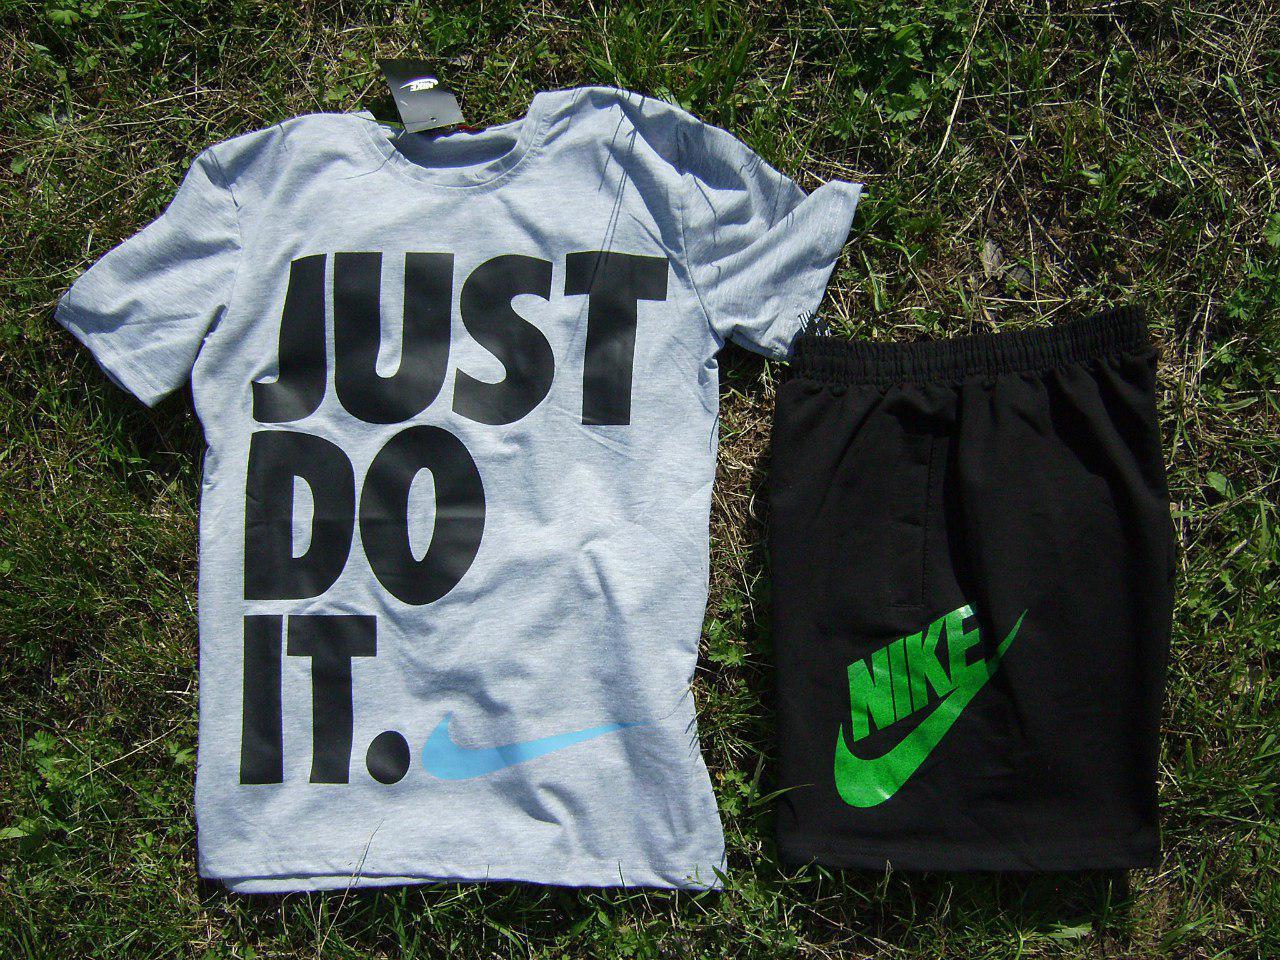 Мужской комплект футболка + шорты Nike серого и черного цвета (люкс копия)